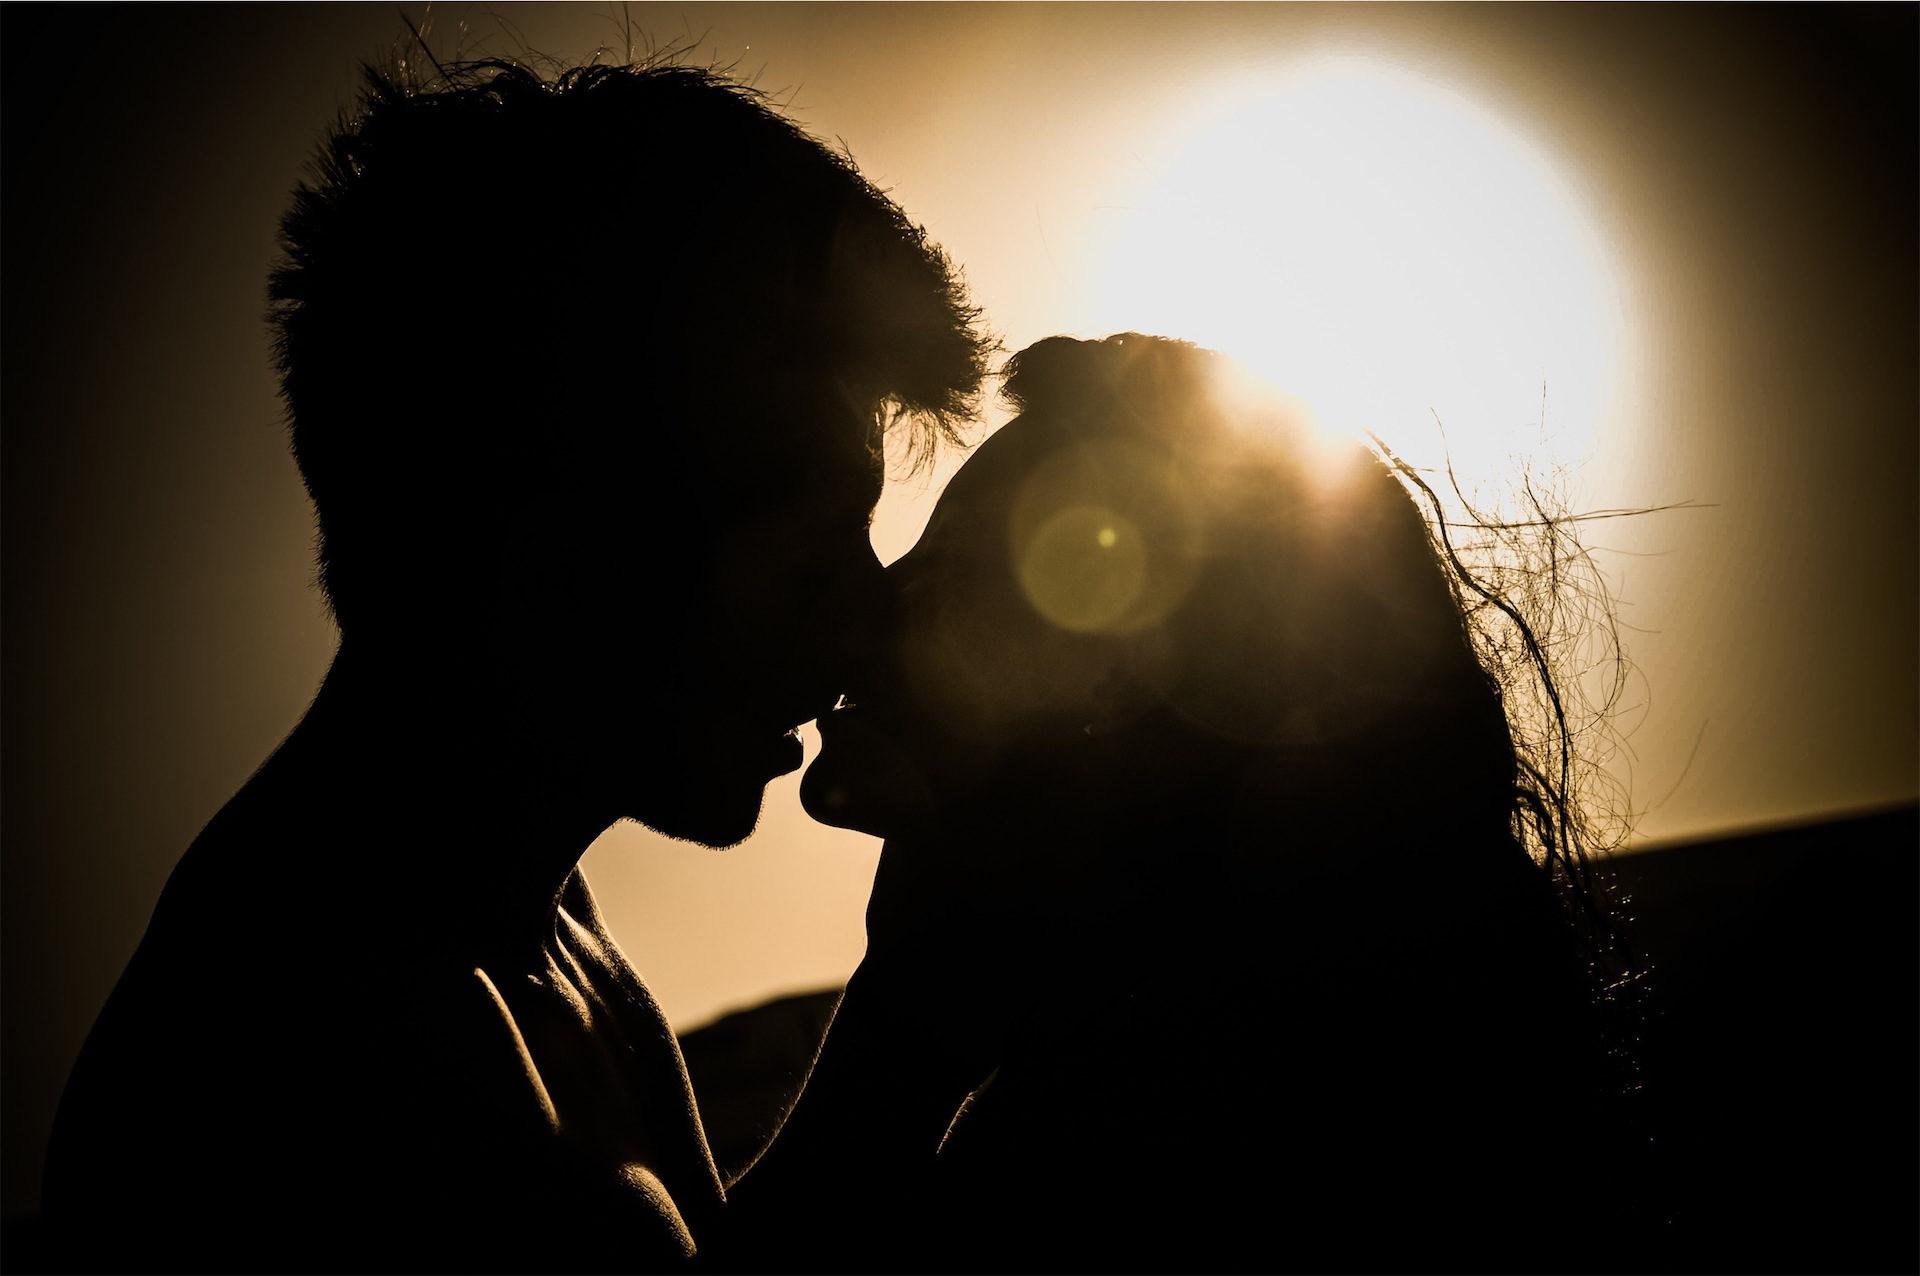 couple, ombres, amour, passion, Sun - Fonds d'écran HD - Professor-falken.com